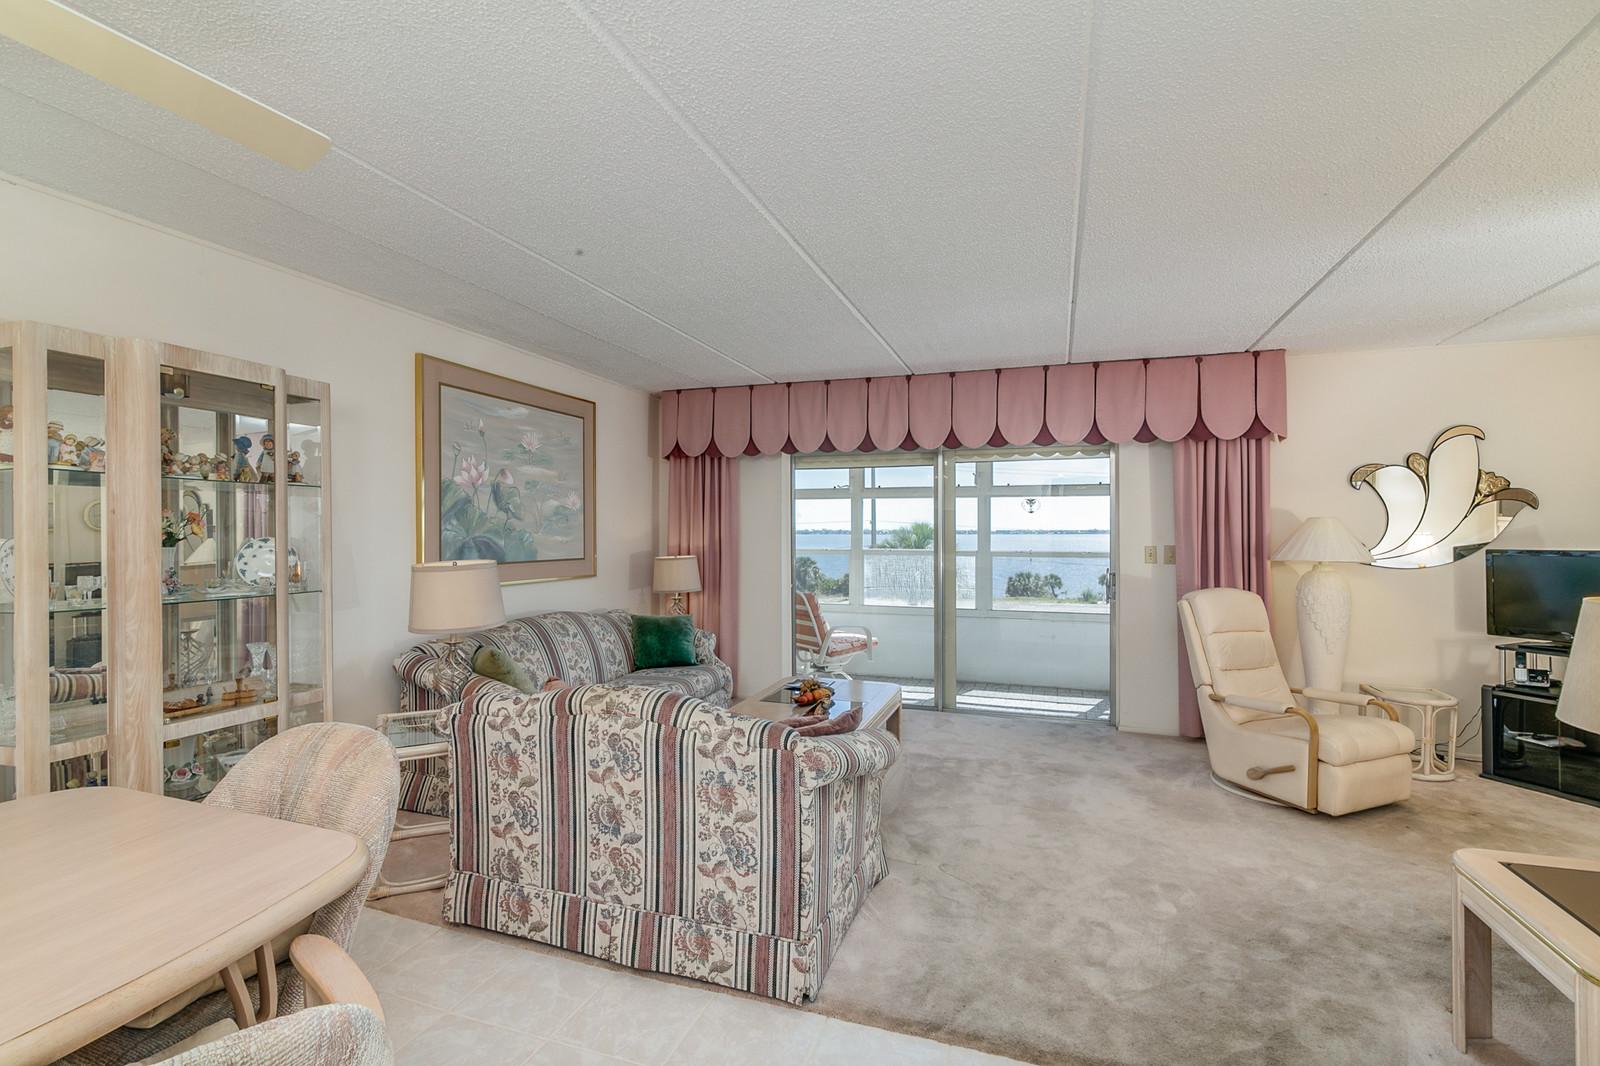 Condominium For Sale in Melbourne, Florida